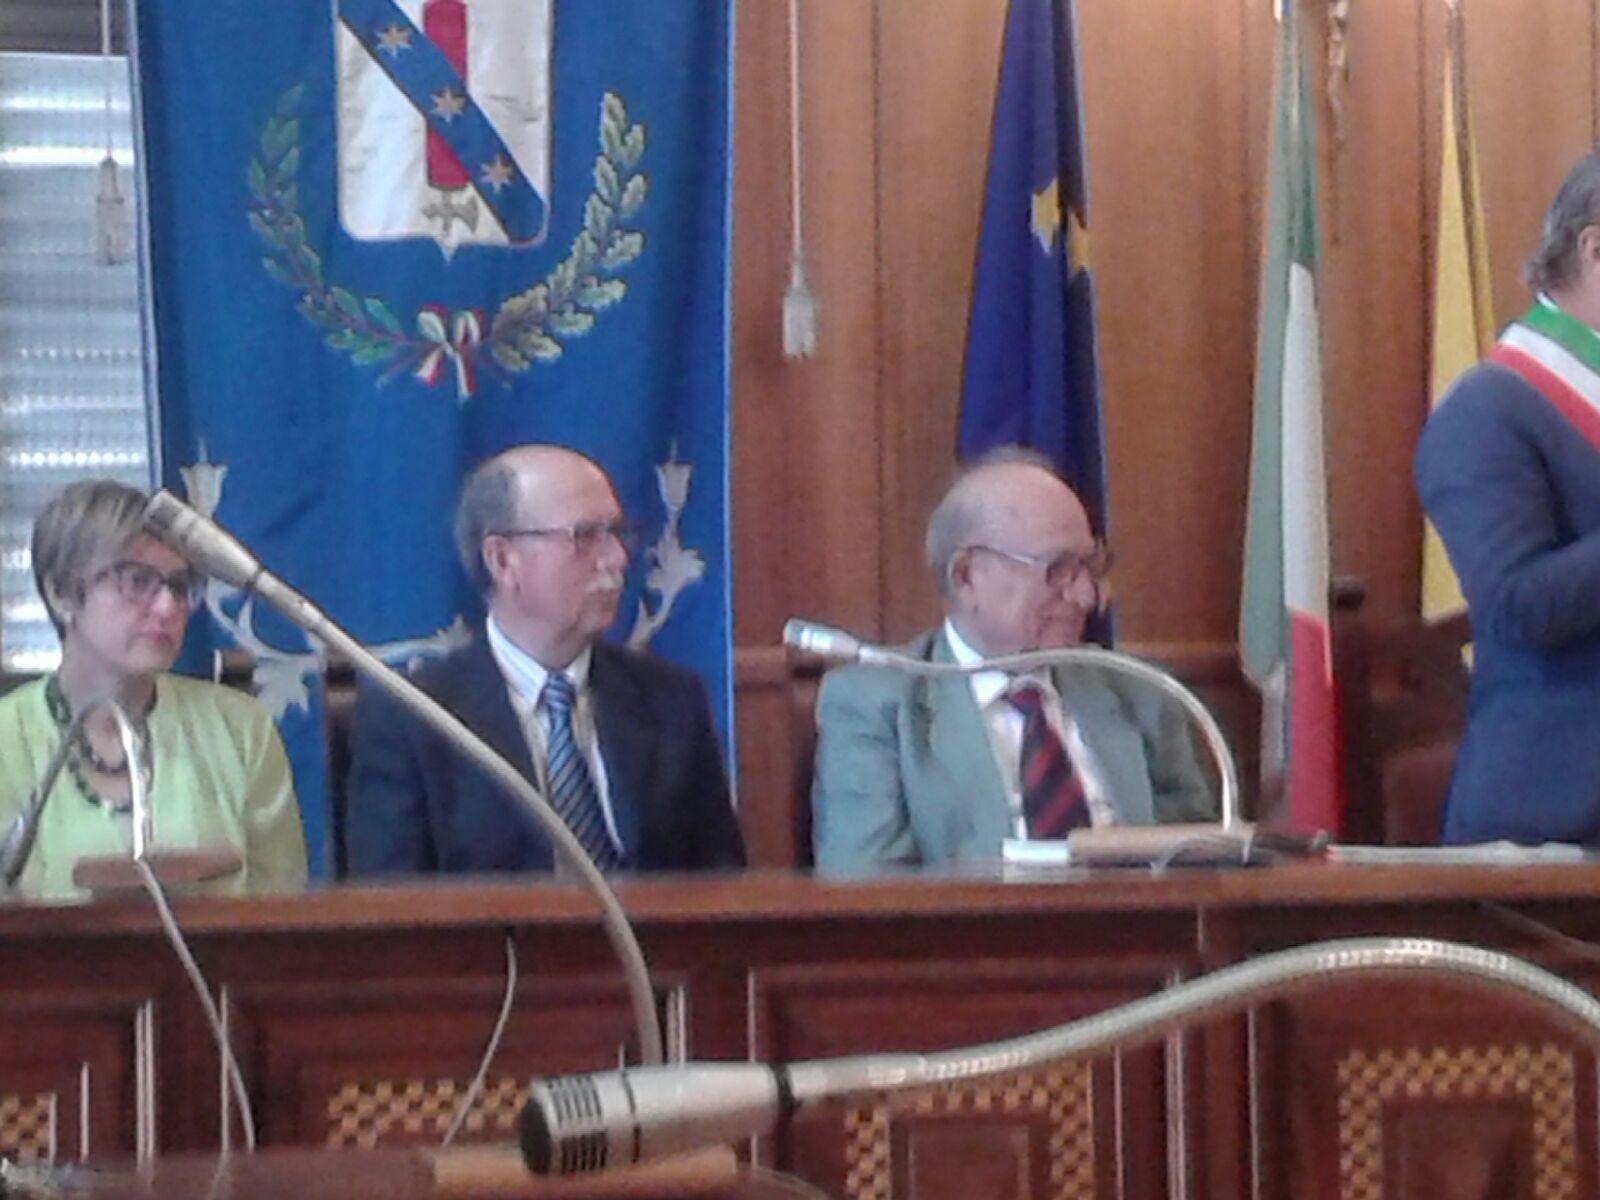 Il Prof.Mendolia con il dott.Pianciamore durante la cerimonia di premiazione a Mazzarino (CL)